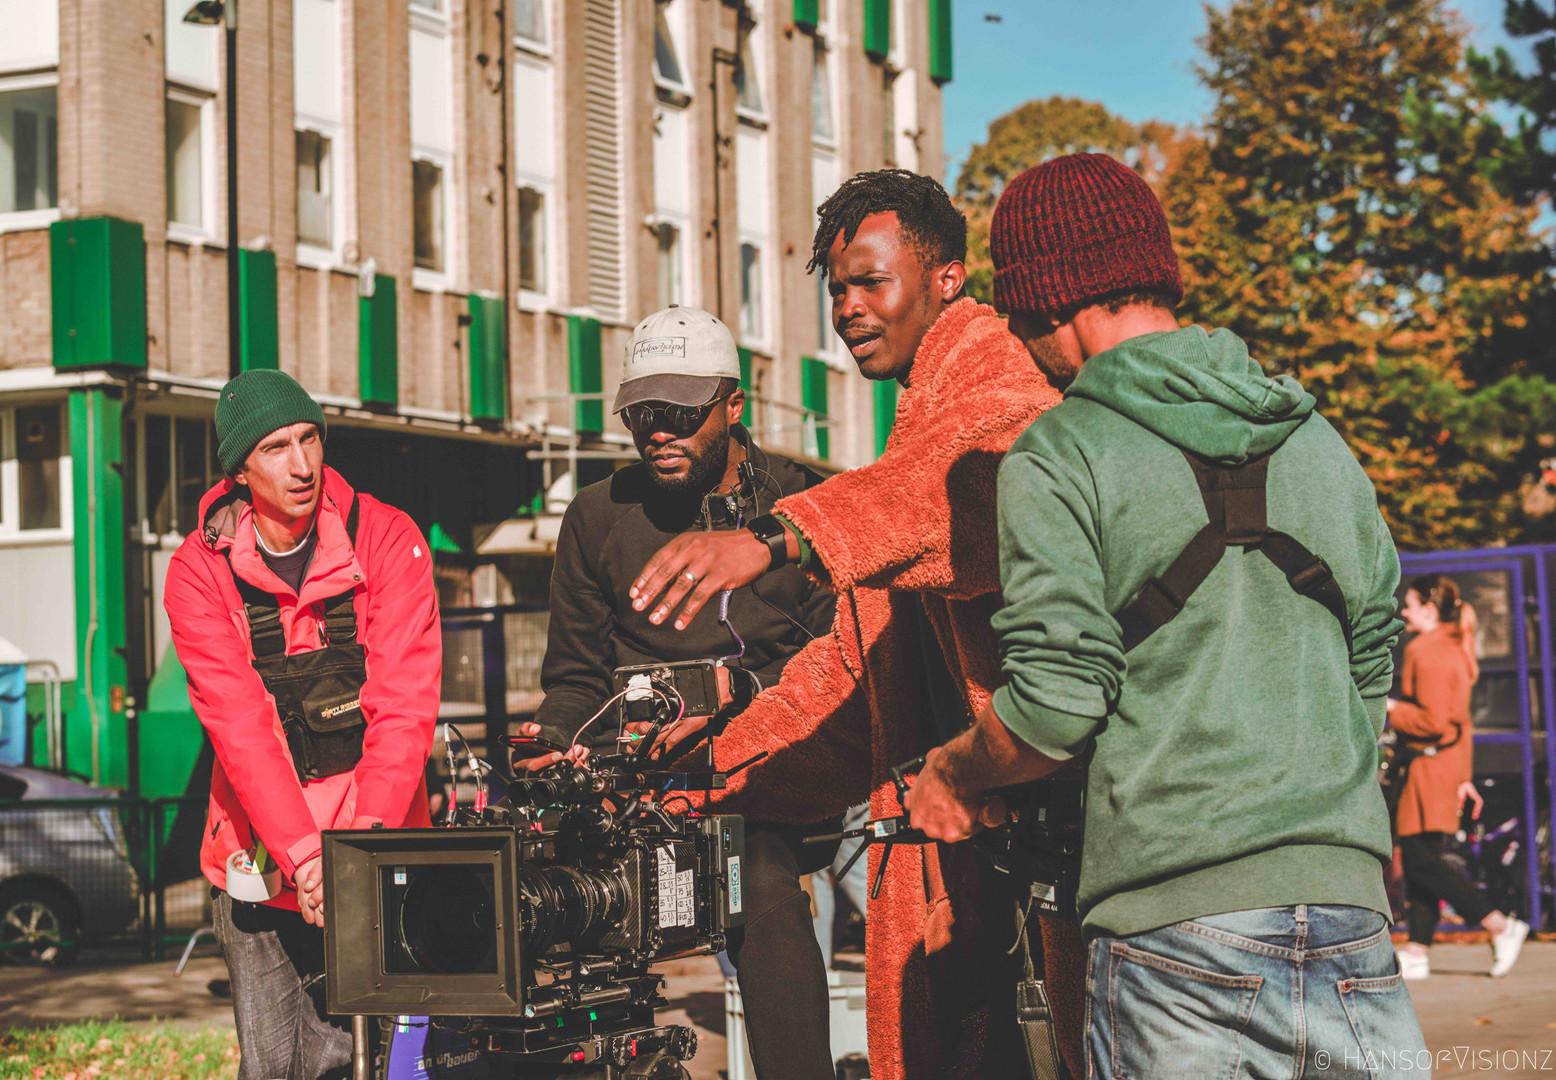 Sucka Punch Film Stills HansofVisionz 46